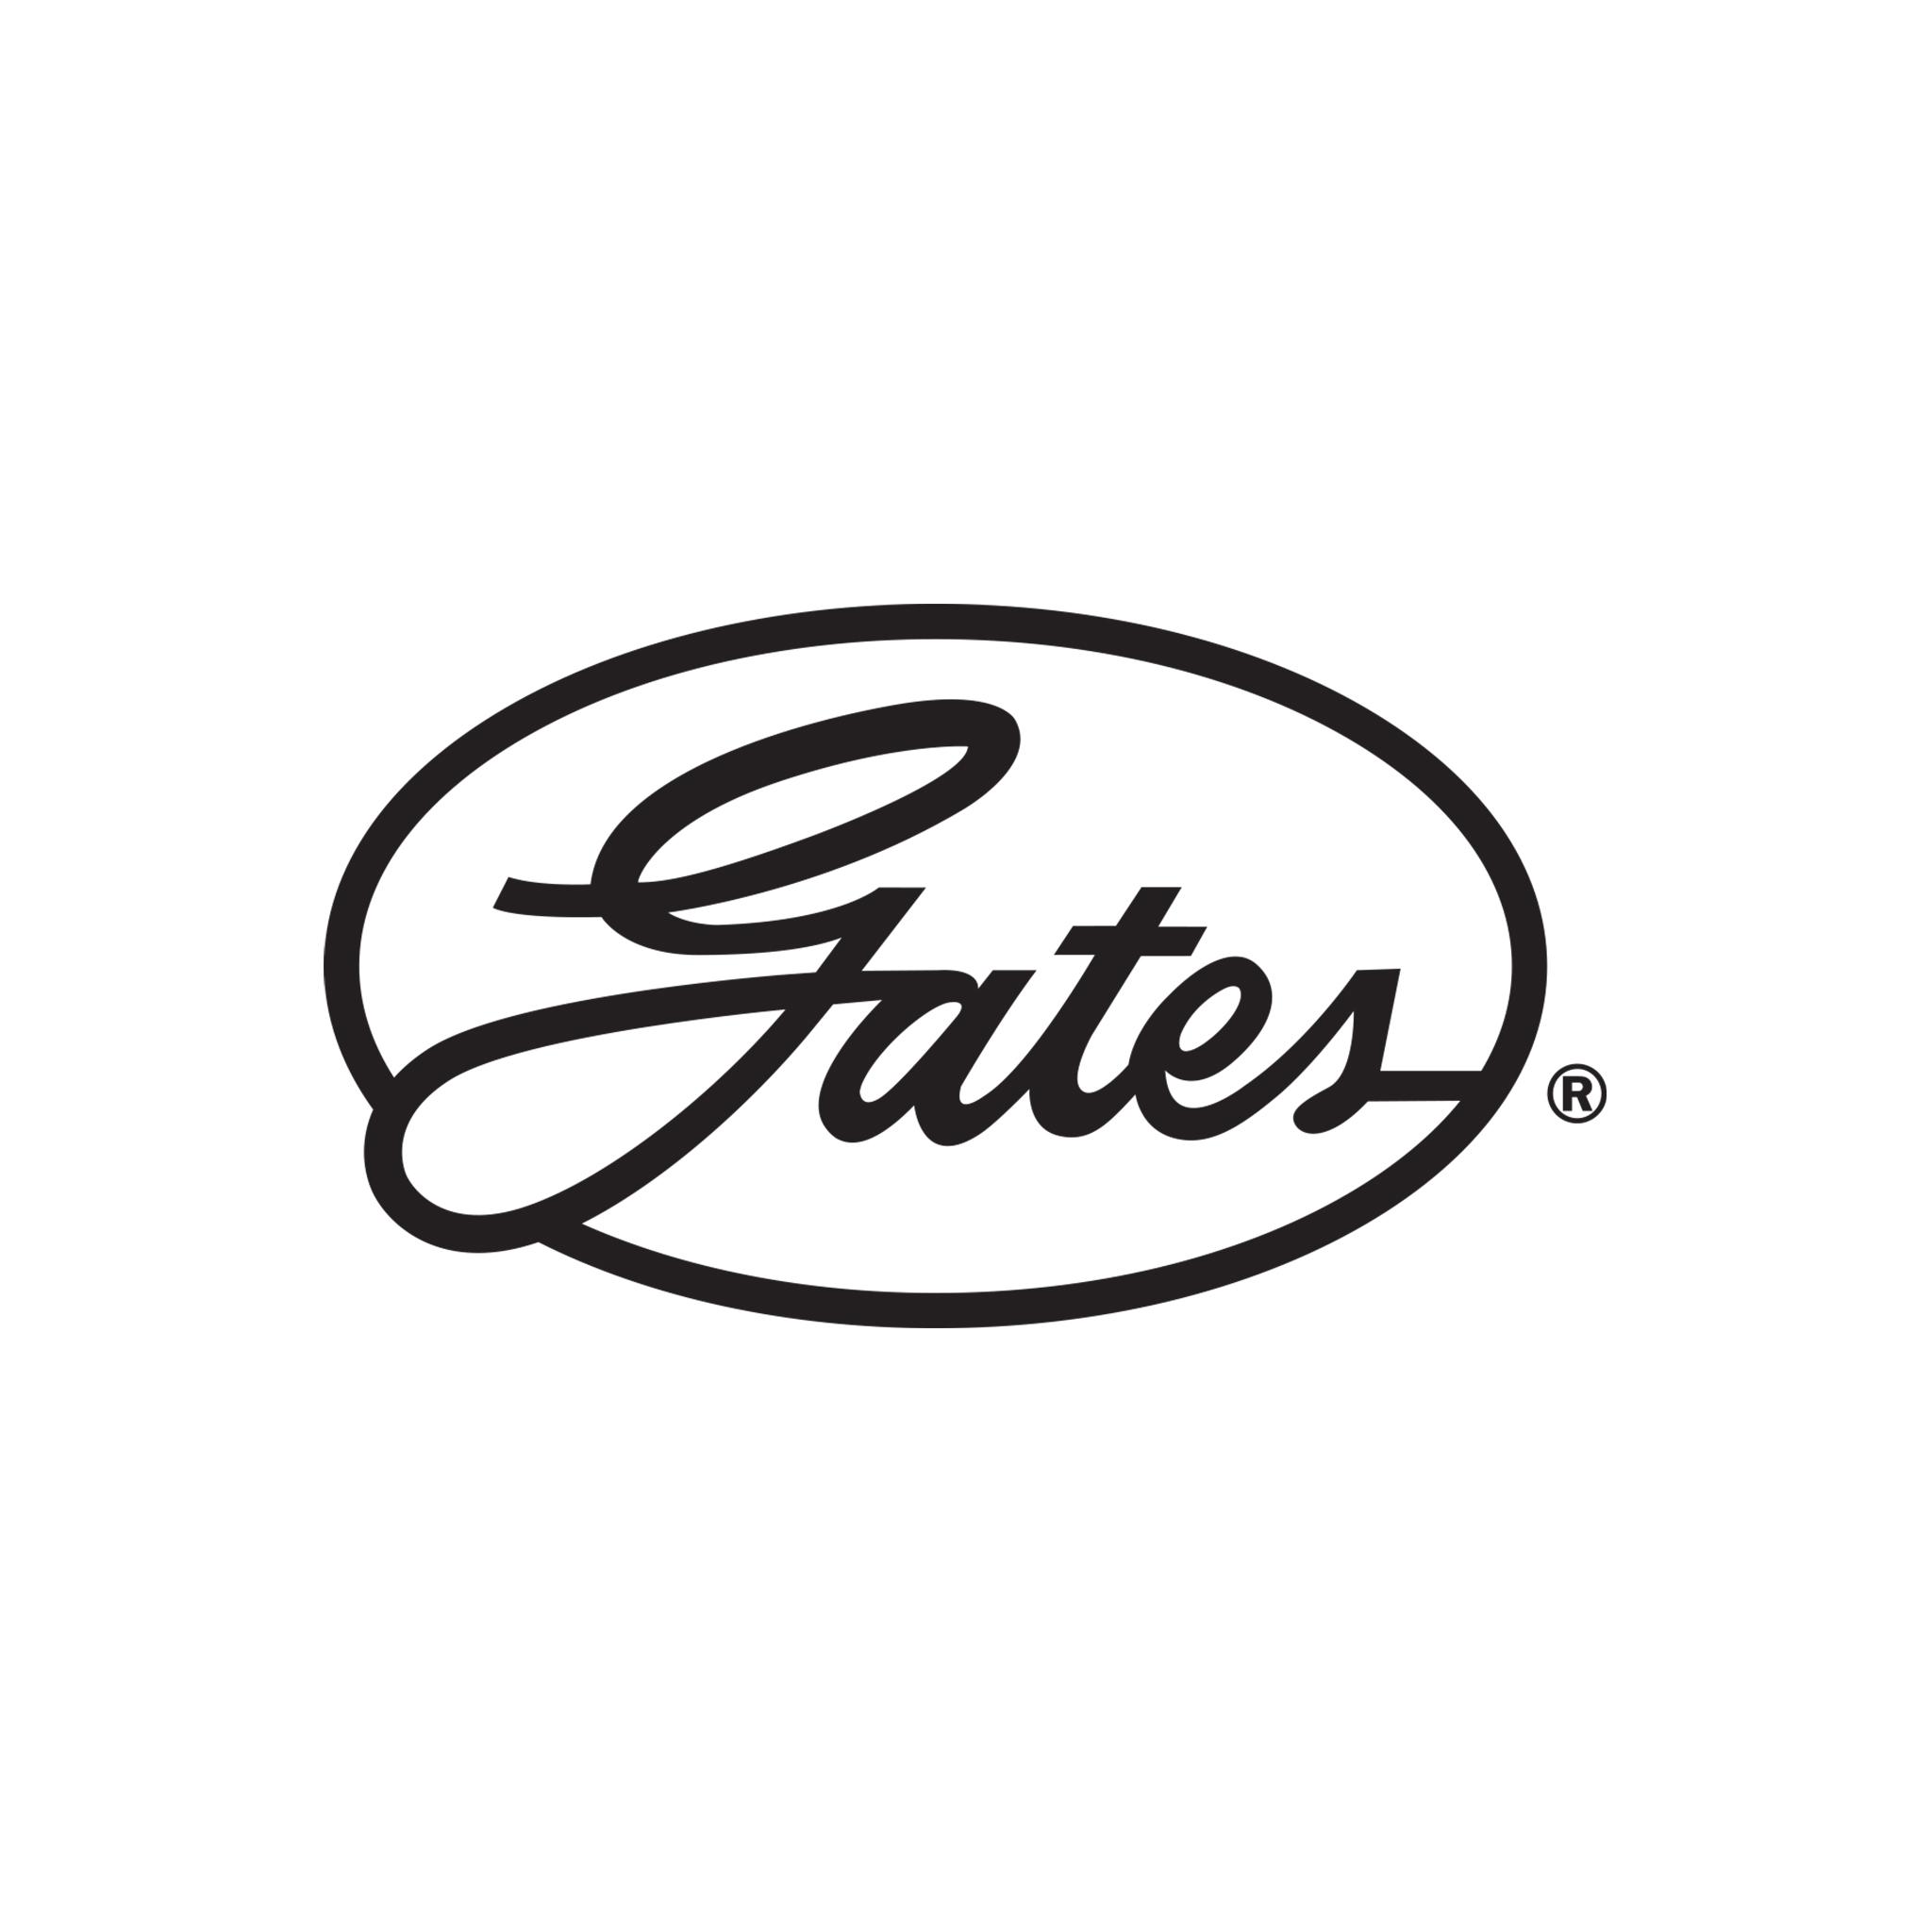 Partner-Logos_Gates